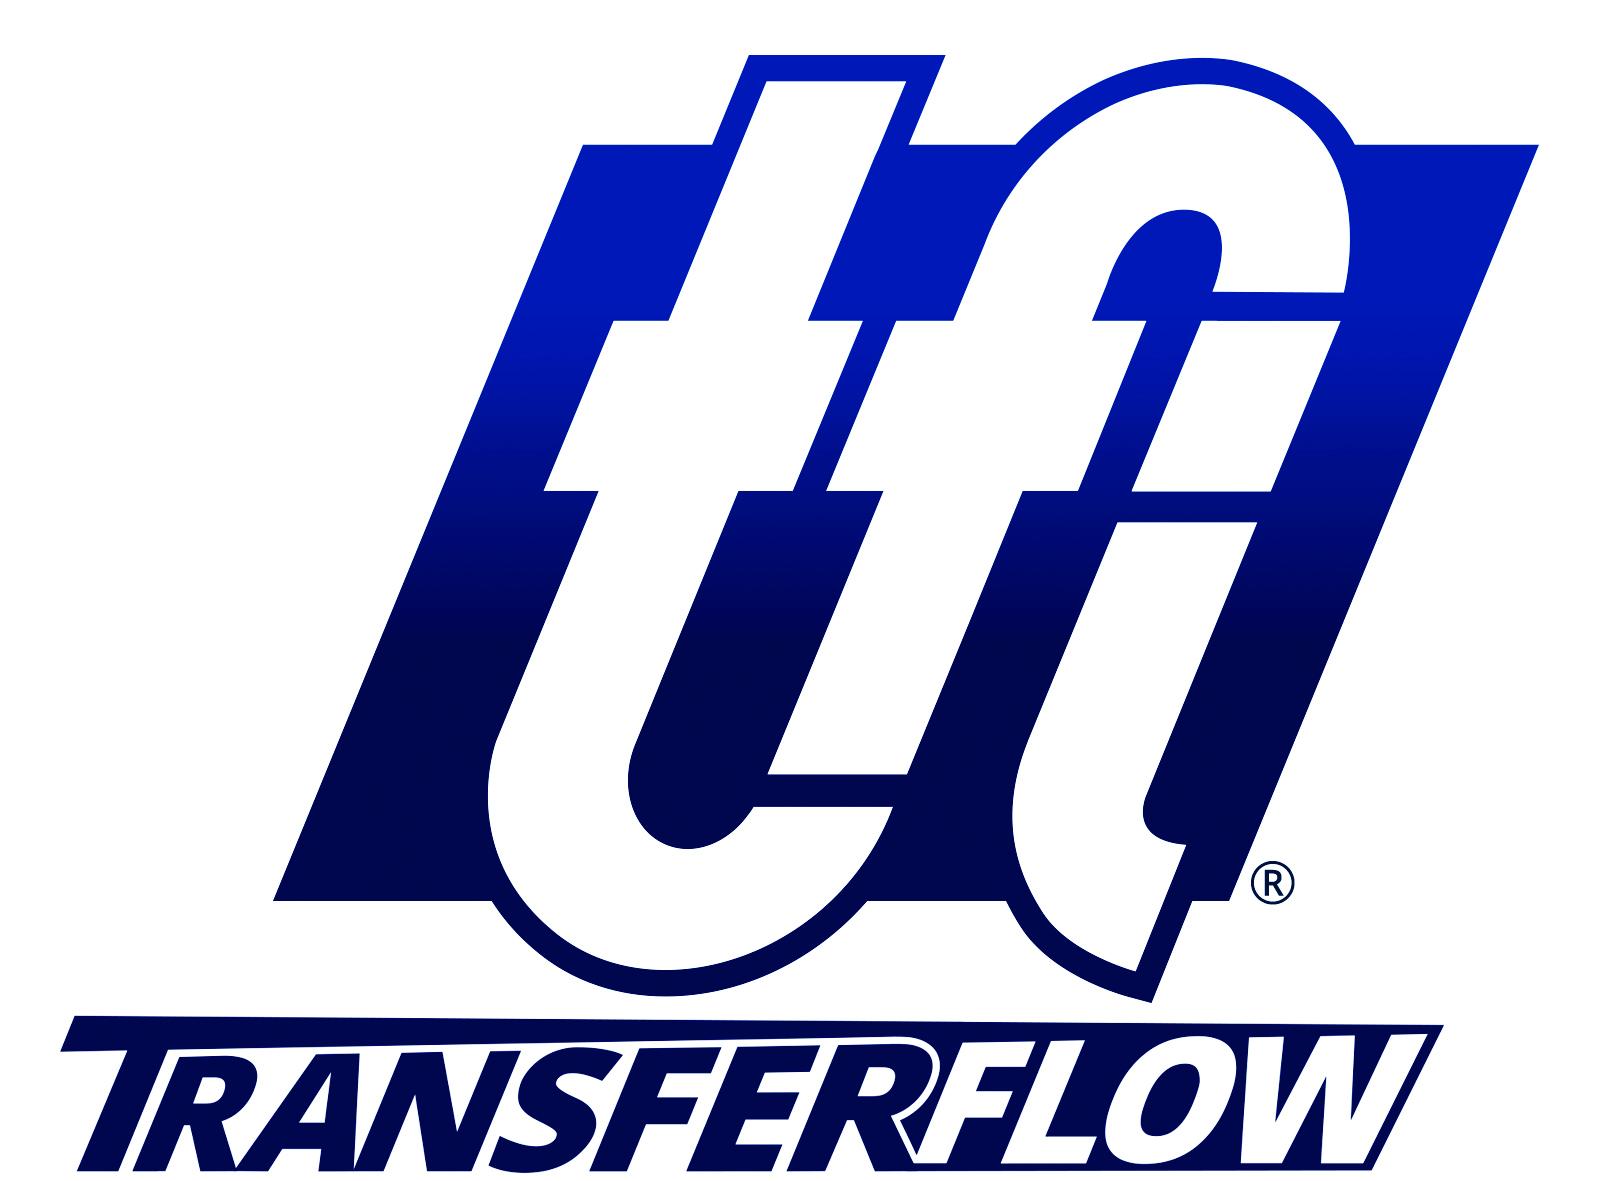 Tfi logo   tiered   white stroke